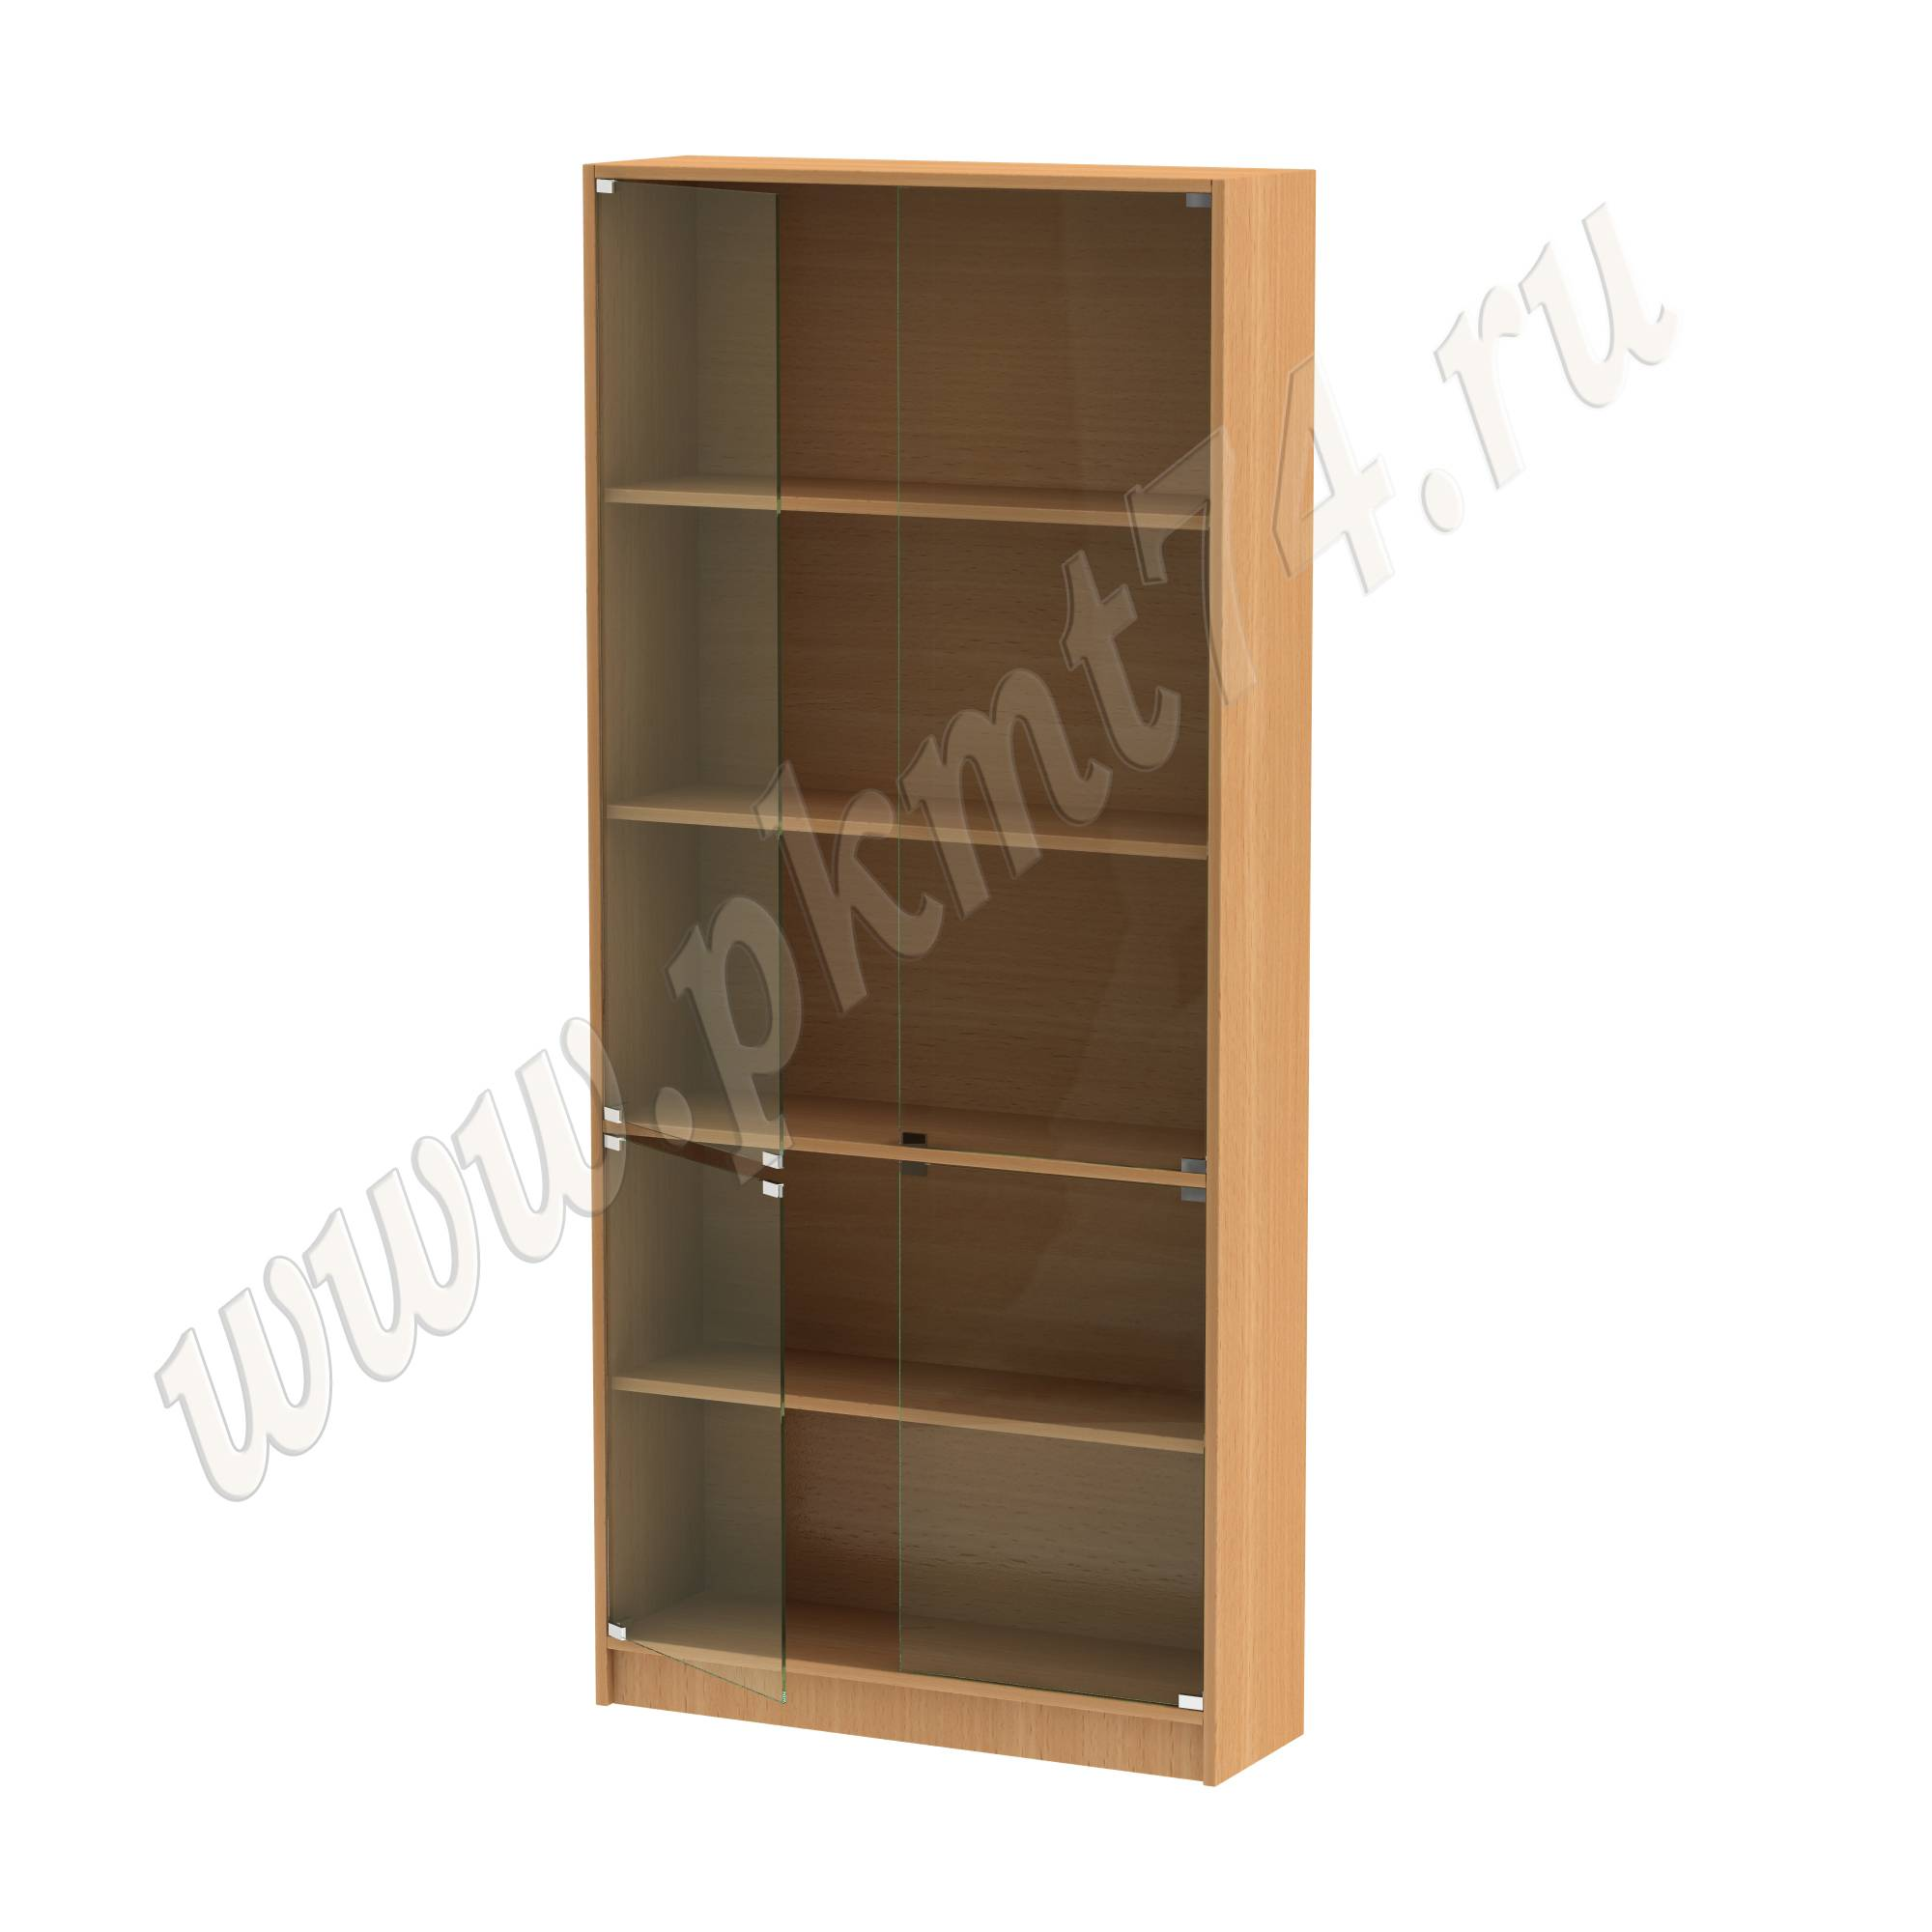 Шкаф витринный со стеклянными дверцами [Цвет ЛДСП:: бук Бавария светлый]